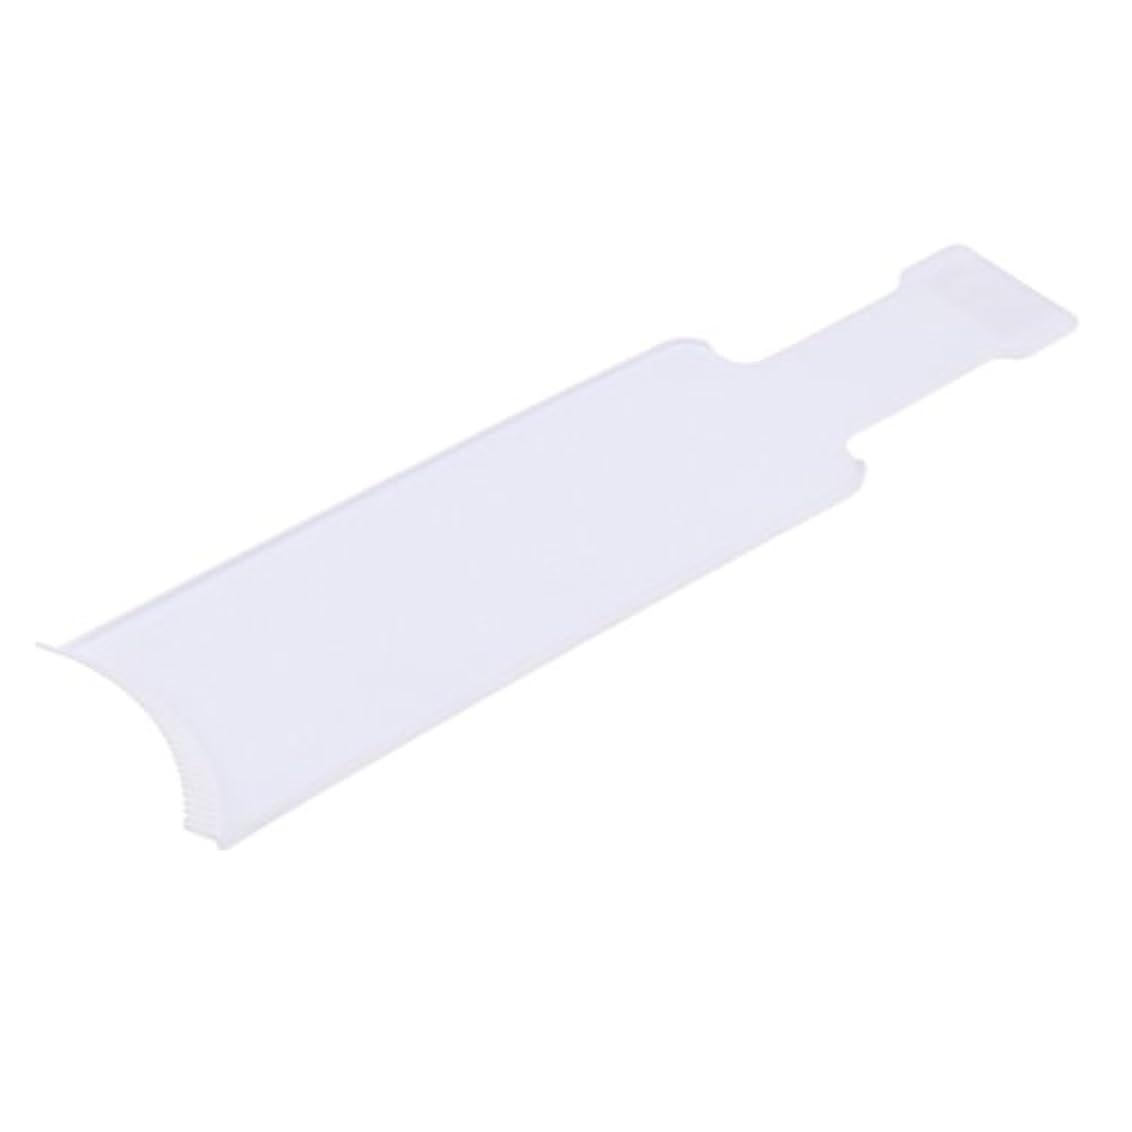 小屋緩やかな内訳Homyl 染色櫛プレート 着色ボード 染めボード ヘアカラー ヘアブラシ 便利 おしゃれ染 2サイズ2色選べる - L, 白